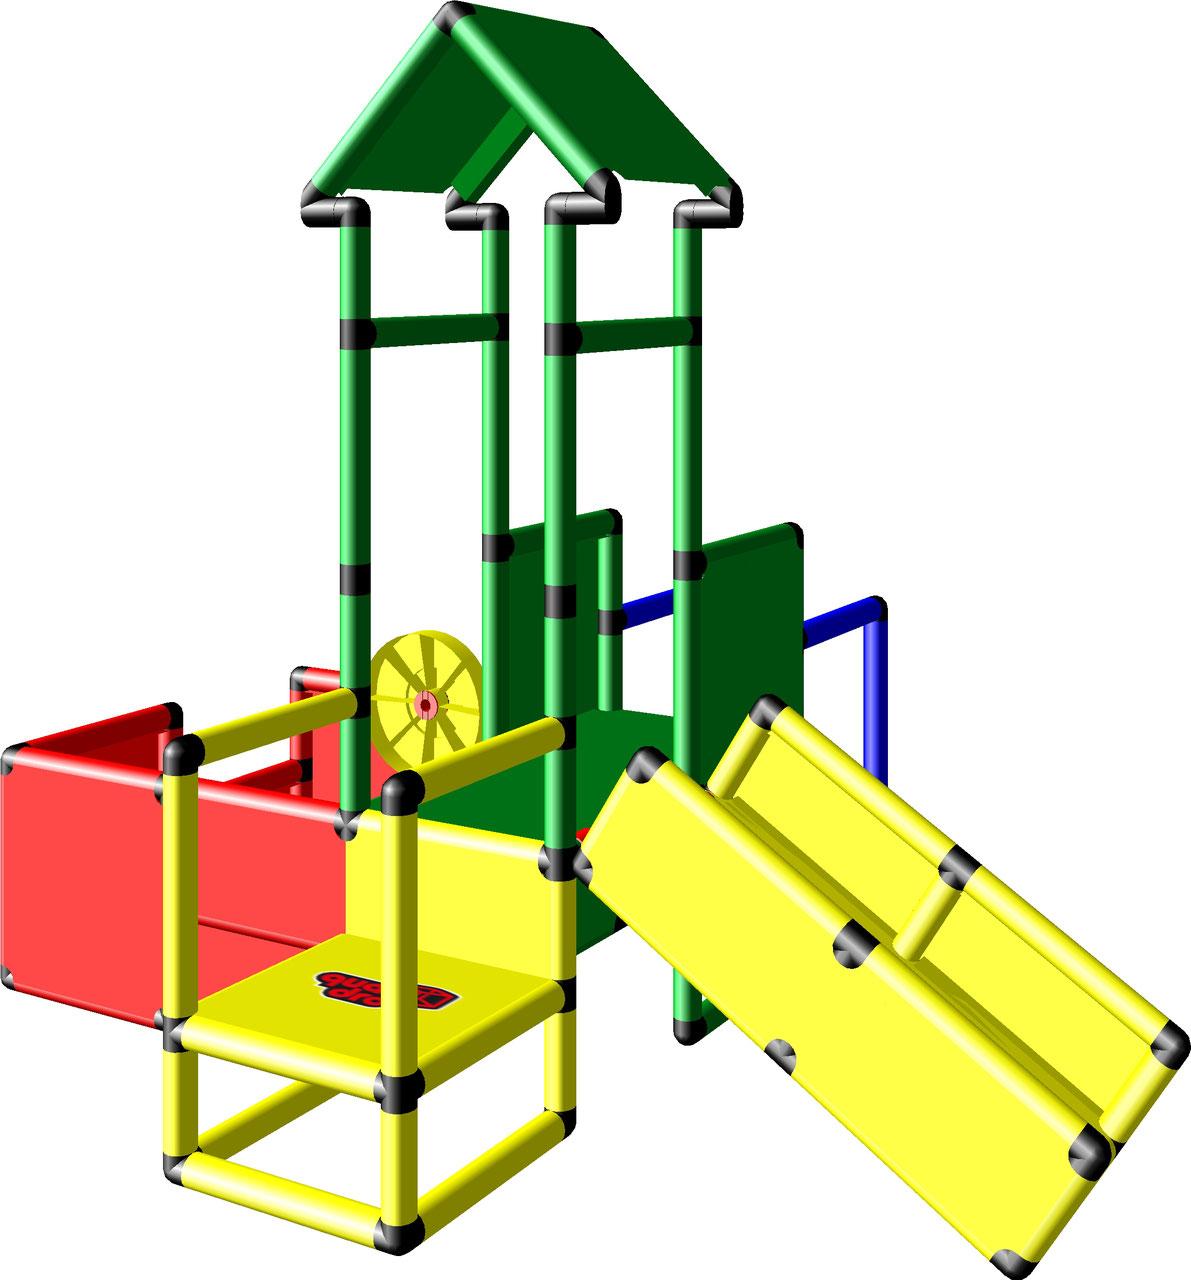 playcenter f r kleinkinder s quadro der grossbaukasten. Black Bedroom Furniture Sets. Home Design Ideas